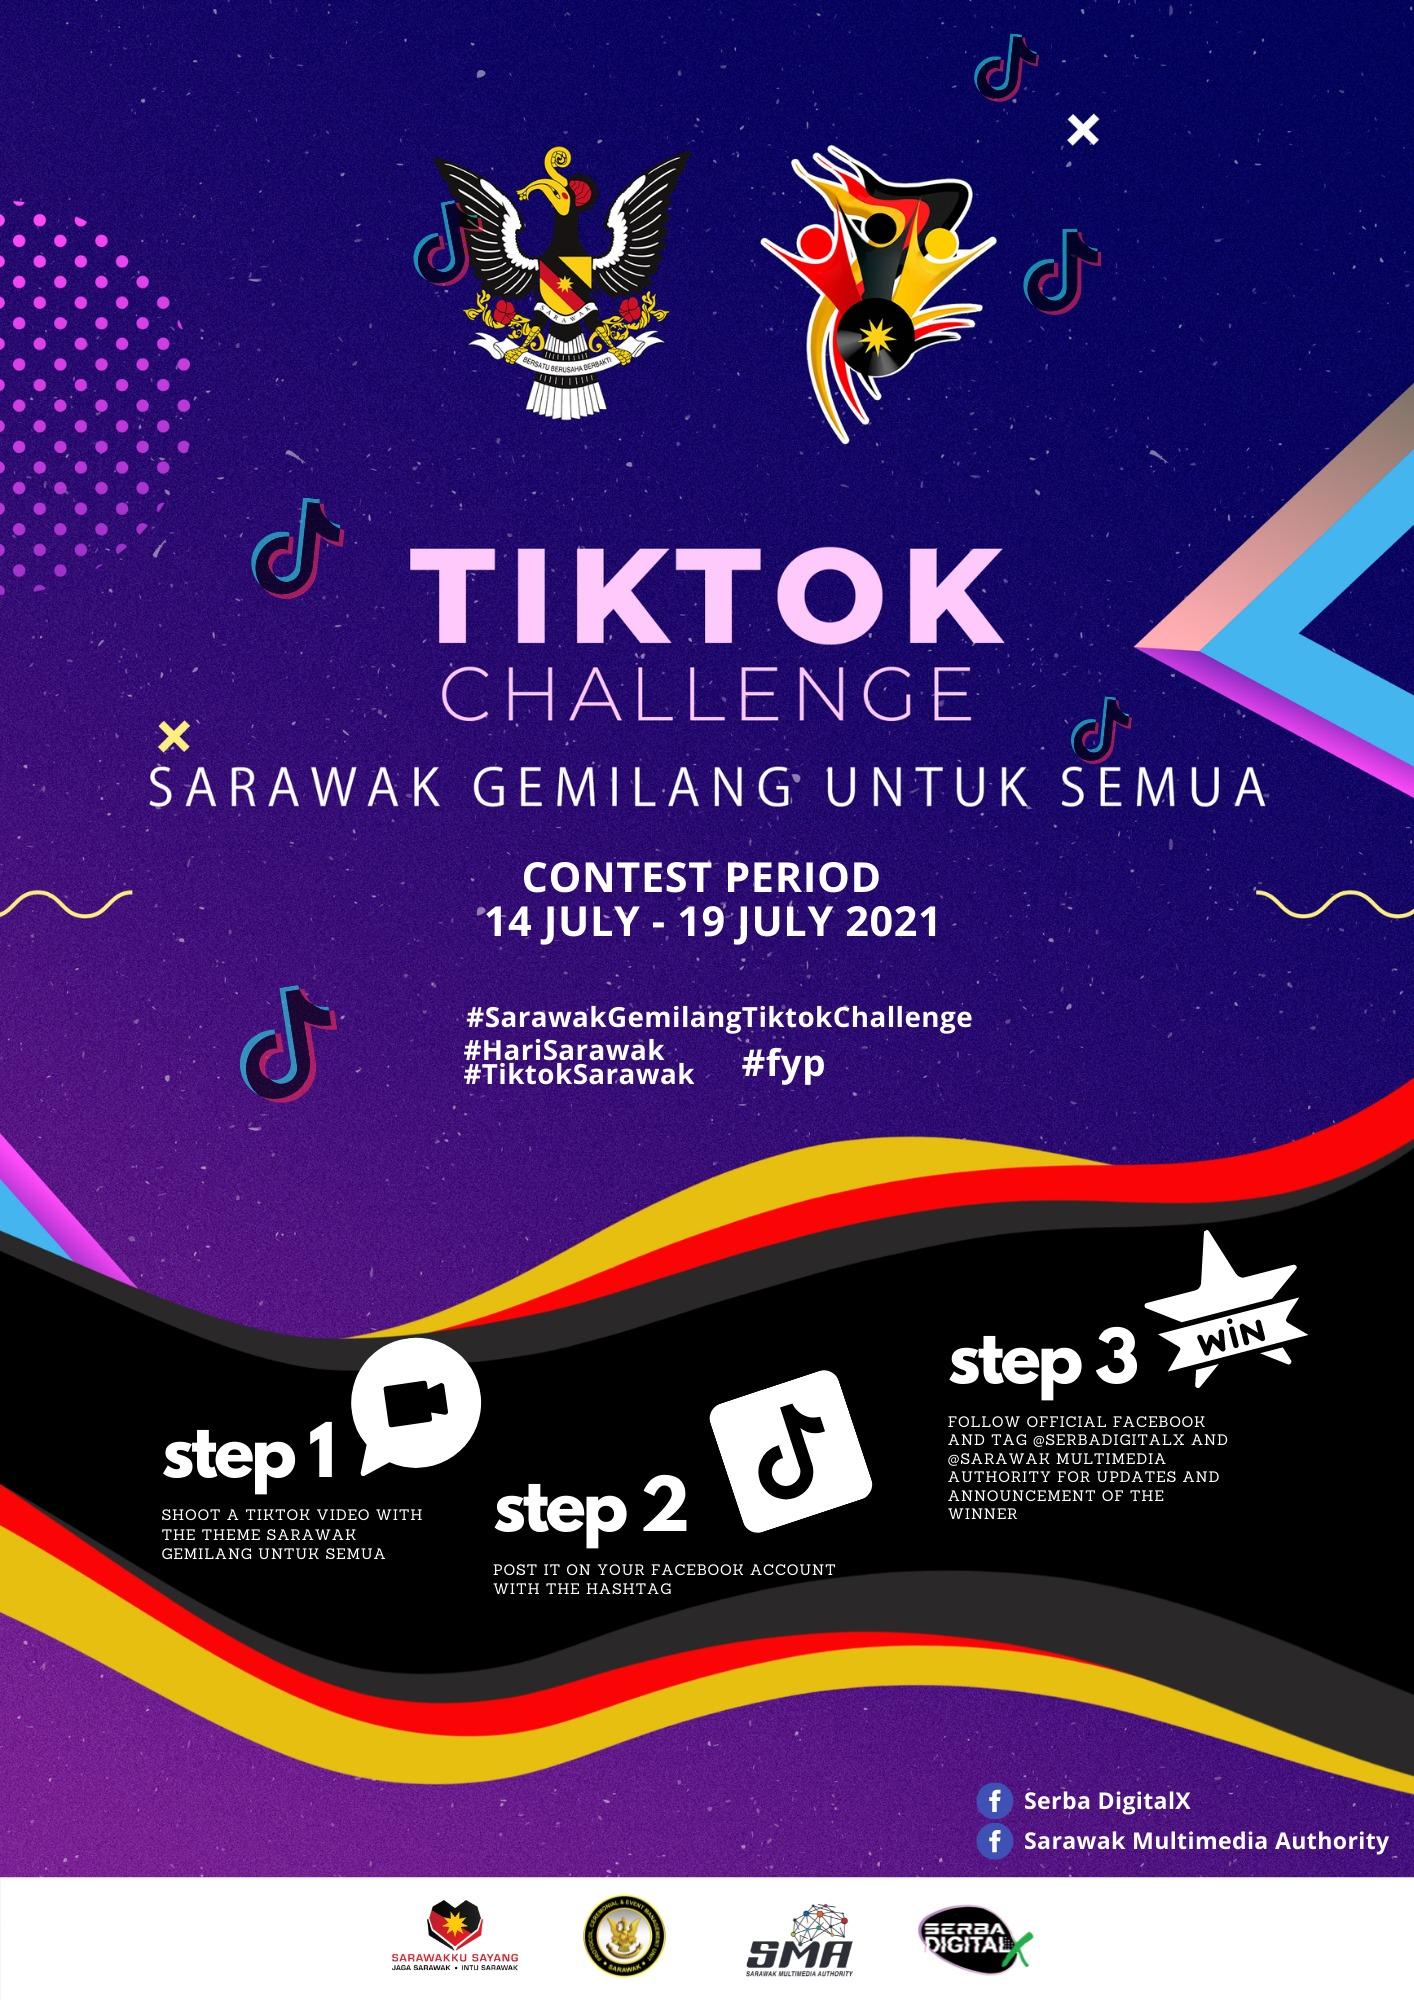 Tiktok Challenge Sarawak Gemilang untuk Semua!